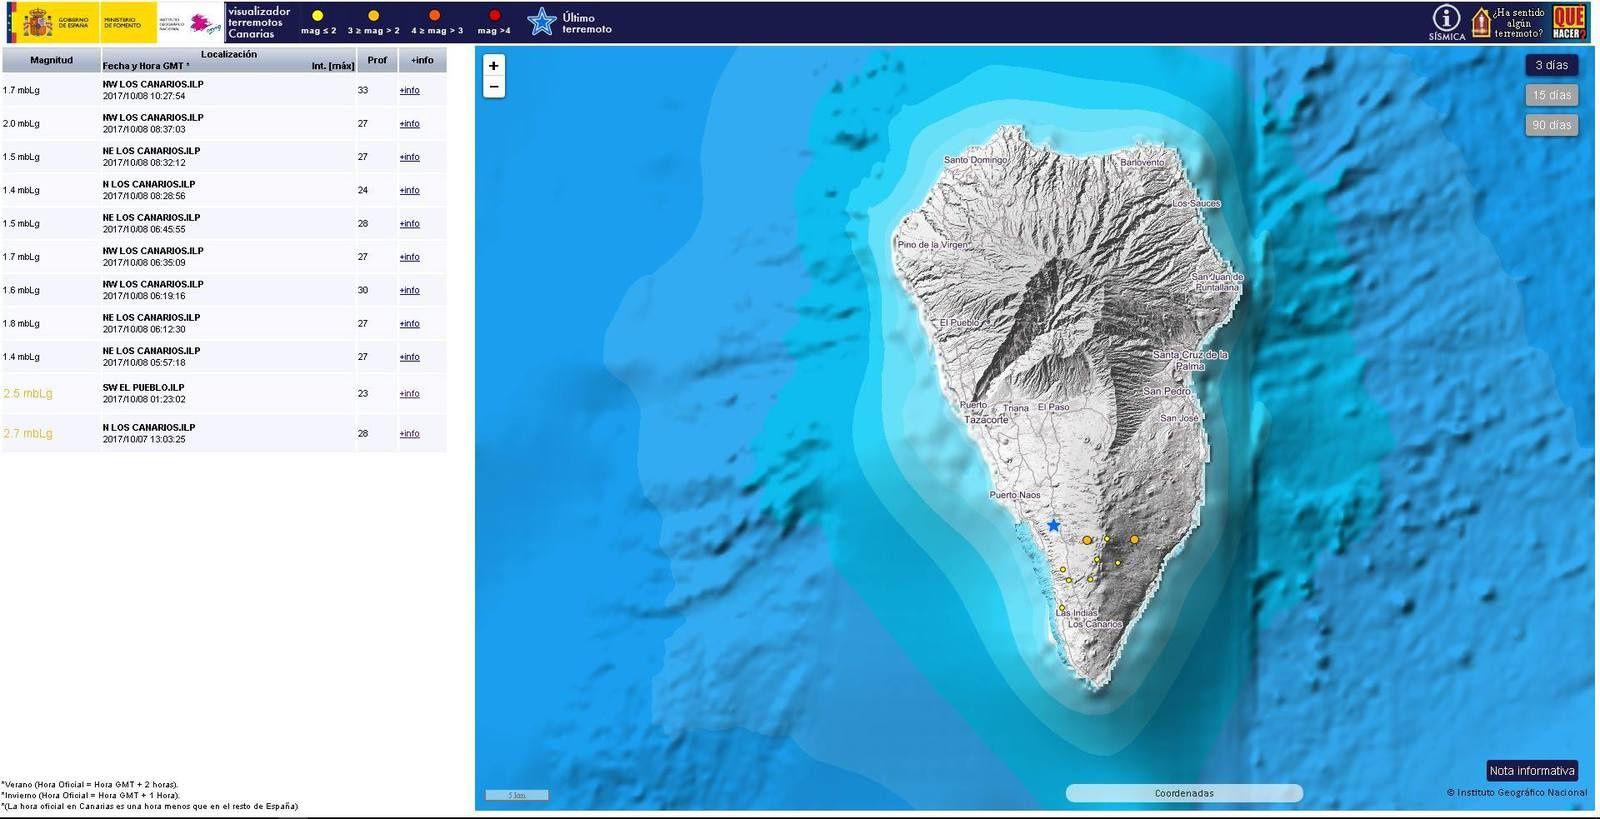 La Palma - localisation et magnitude /profondeur des séismes du 08.10.2017 - doc. IGN Spain